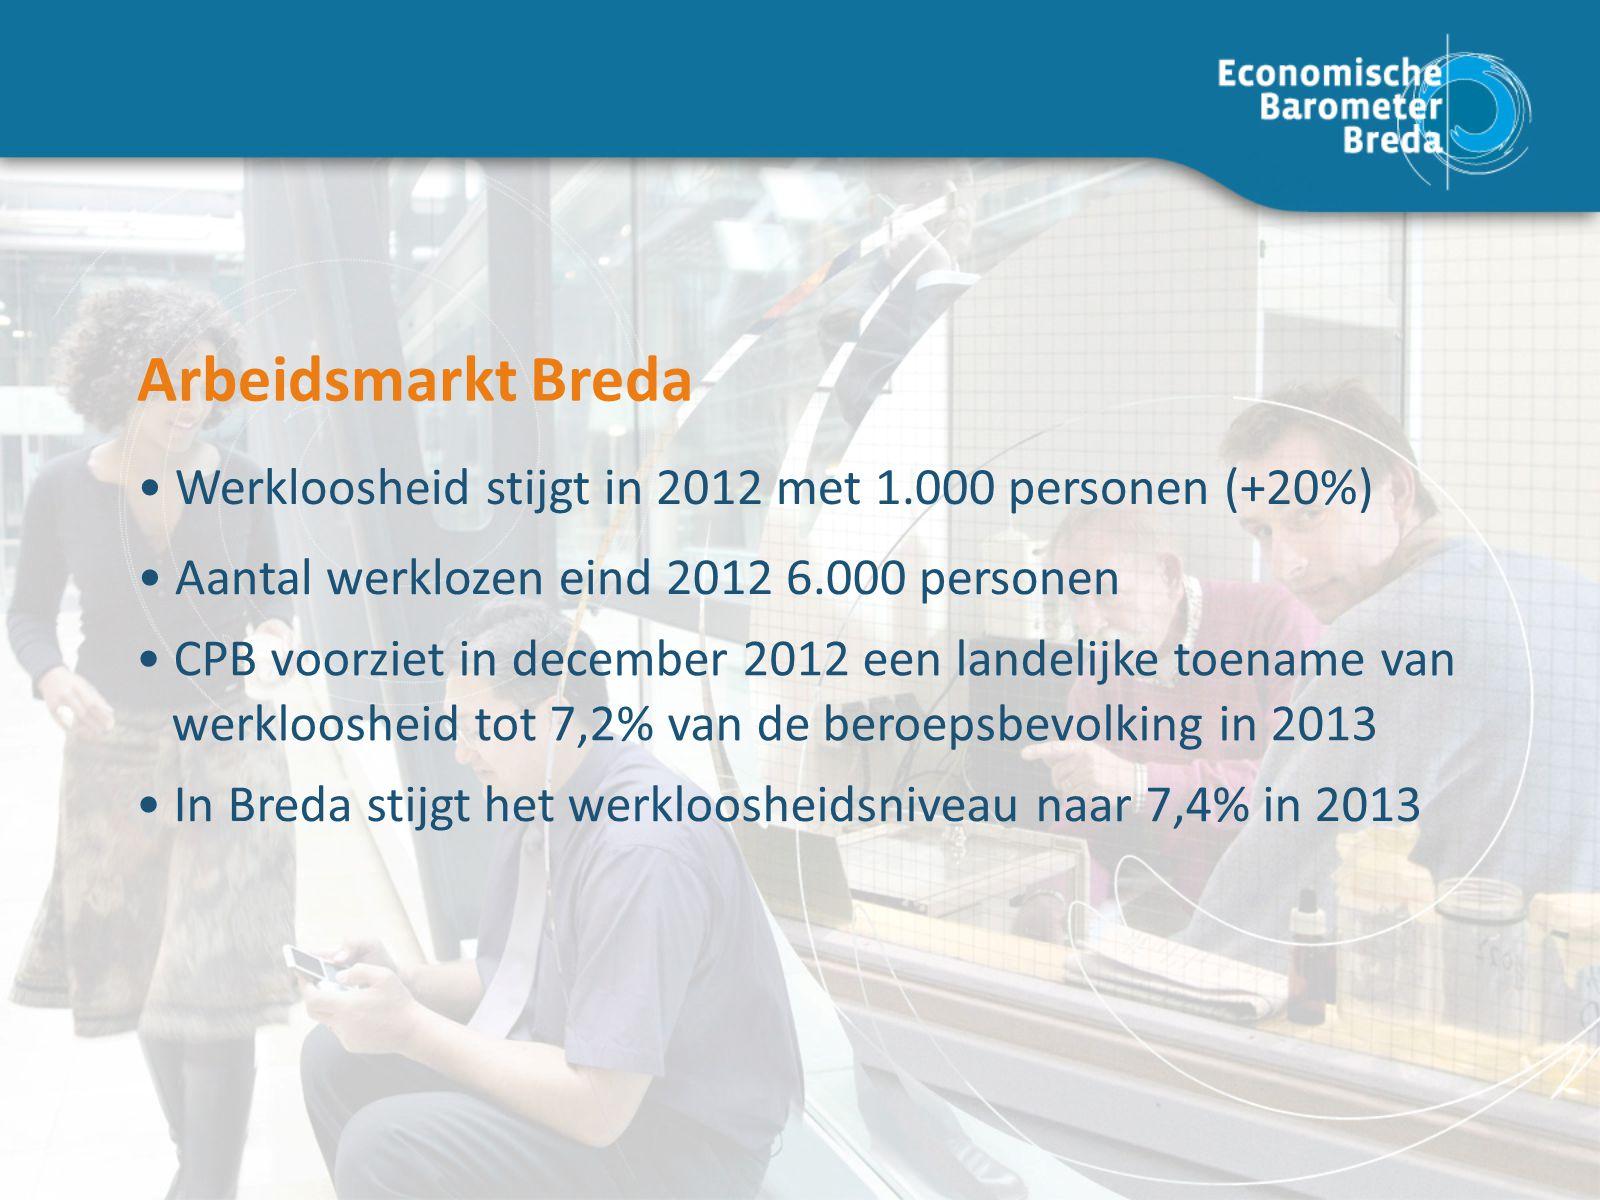 Arbeidsmarkt Breda Aantal werklozen eind 2012 6.000 personen Werkloosheid stijgt in 2012 met 1.000 personen (+20%) Arbeidsmarkt Breda CPB voorziet in december 2012 een landelijke toename van werkloosheid tot 7,2% van de beroepsbevolking in 2013 In Breda stijgt het werkloosheidsniveau naar 7,4% in 2013